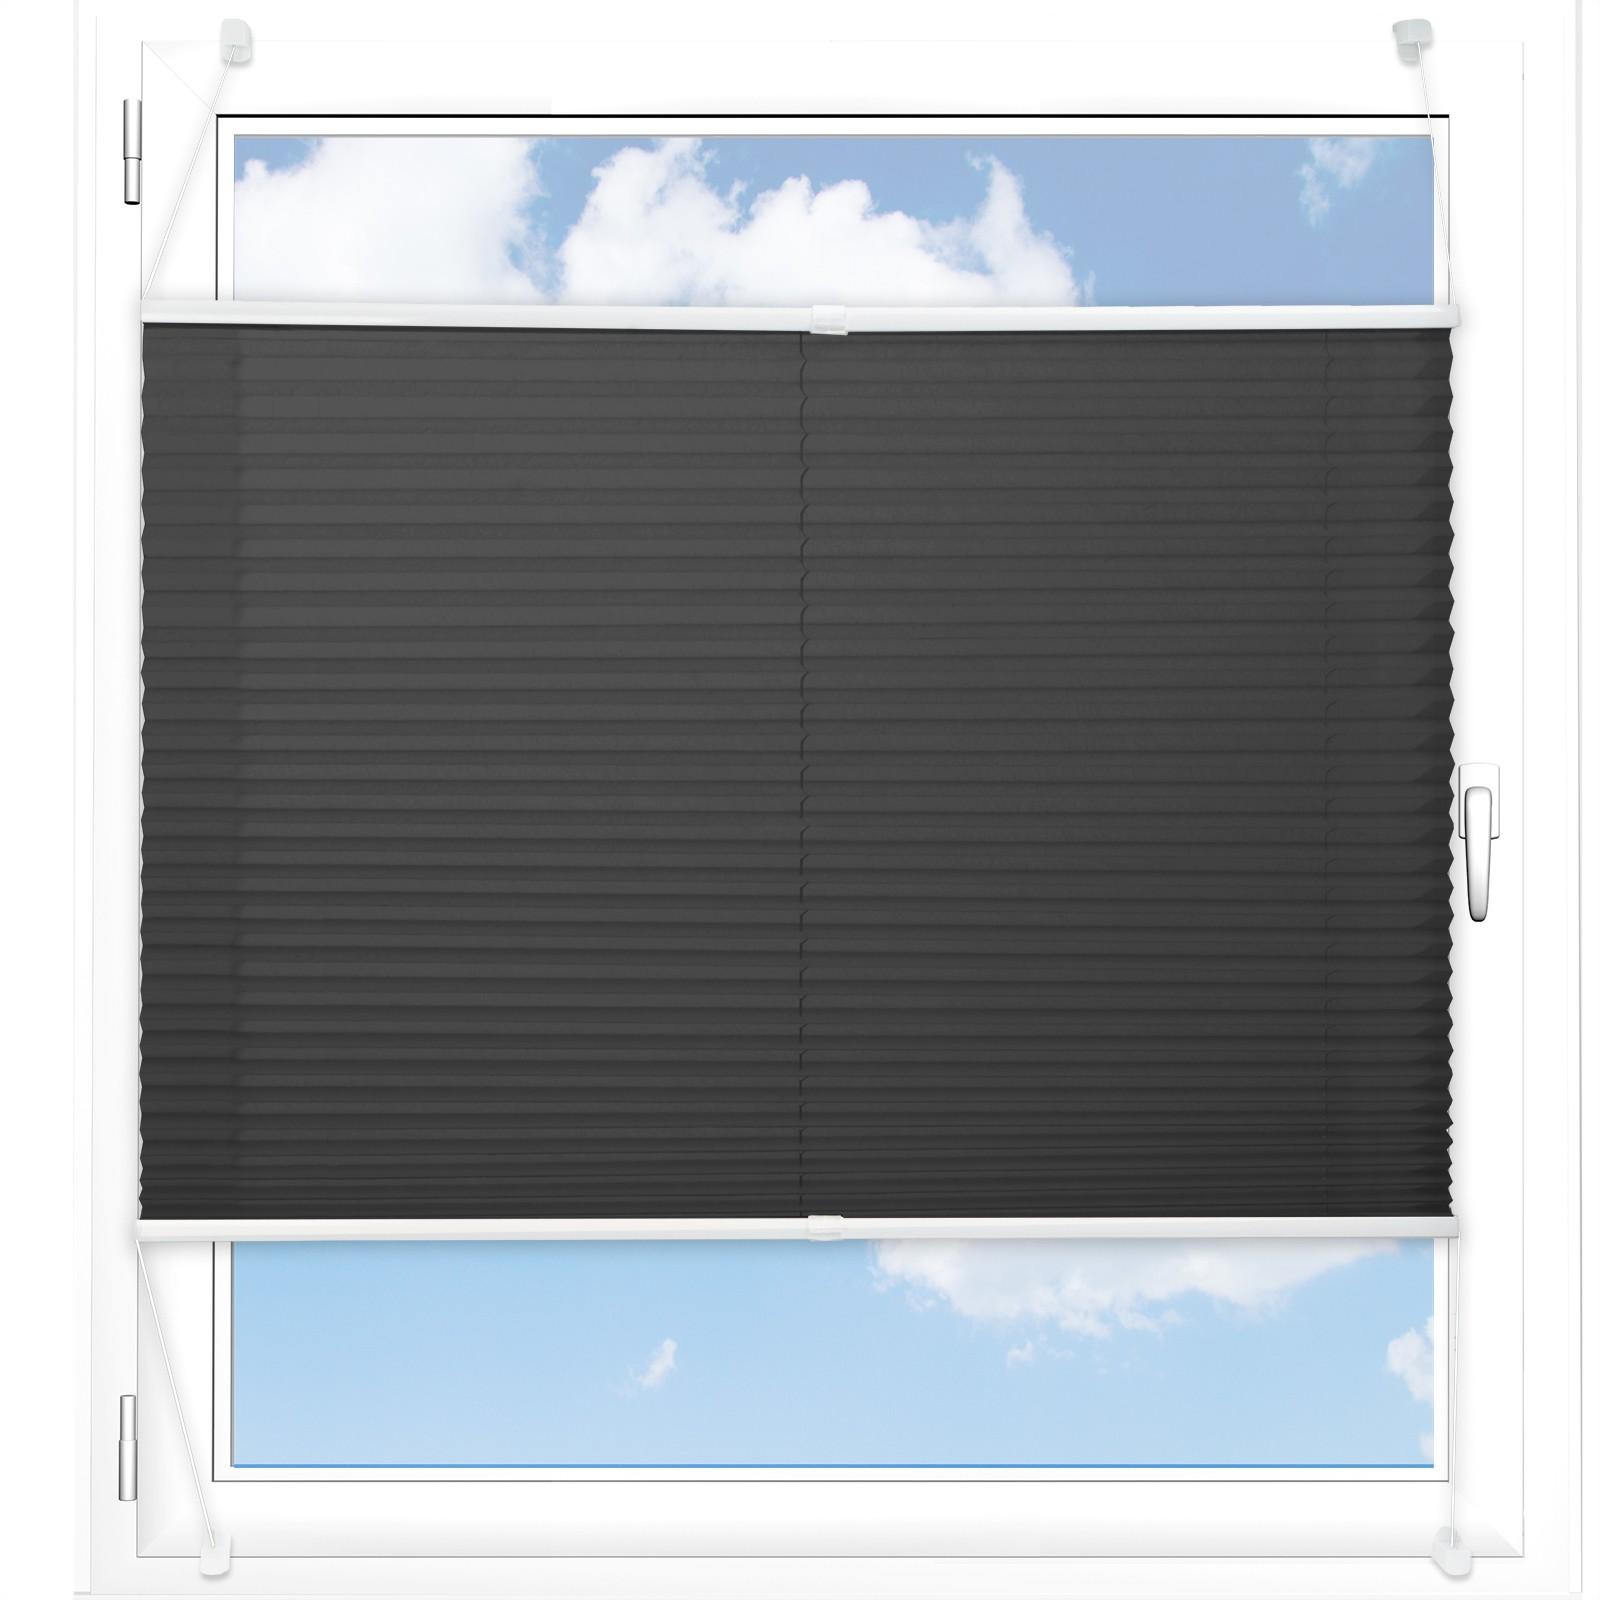 Full Size of Plissee Fenster Montage Ohne Bohren Montageanleitung Plissees Ikea Klemmen Ins Zum Montieren Amazon Fensterrahmen Innen Casa Pura Rollo Magic Viele Gren 7 Fenster Plissee Fenster